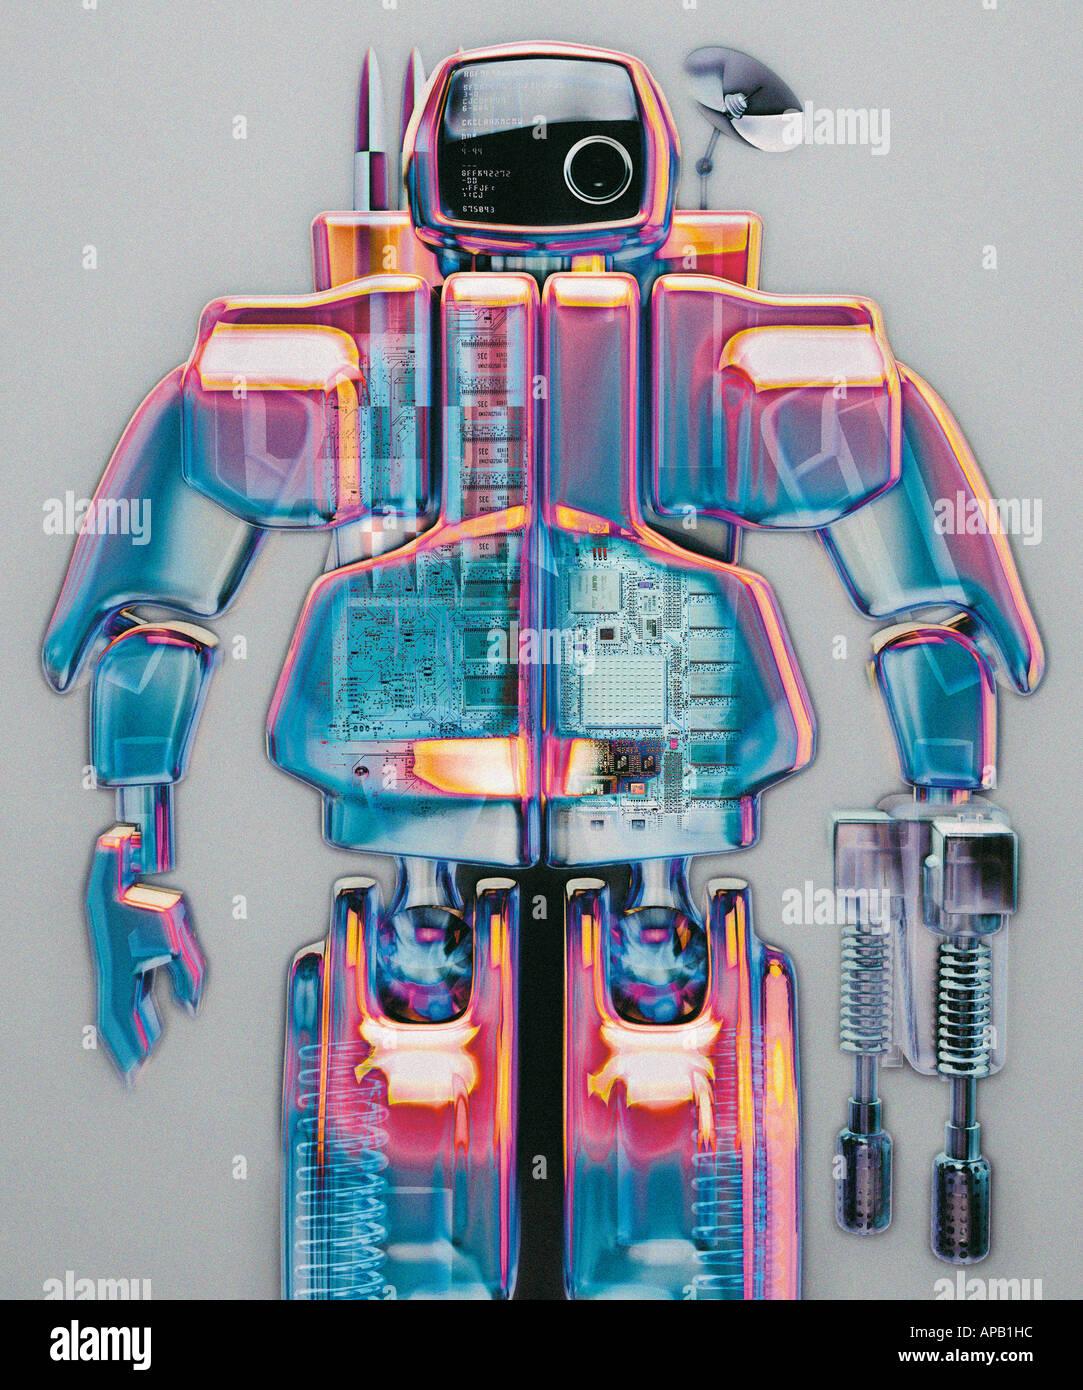 Imagem gerada por computador de um robô de cor-de-rosa e azul Imagens de Stock